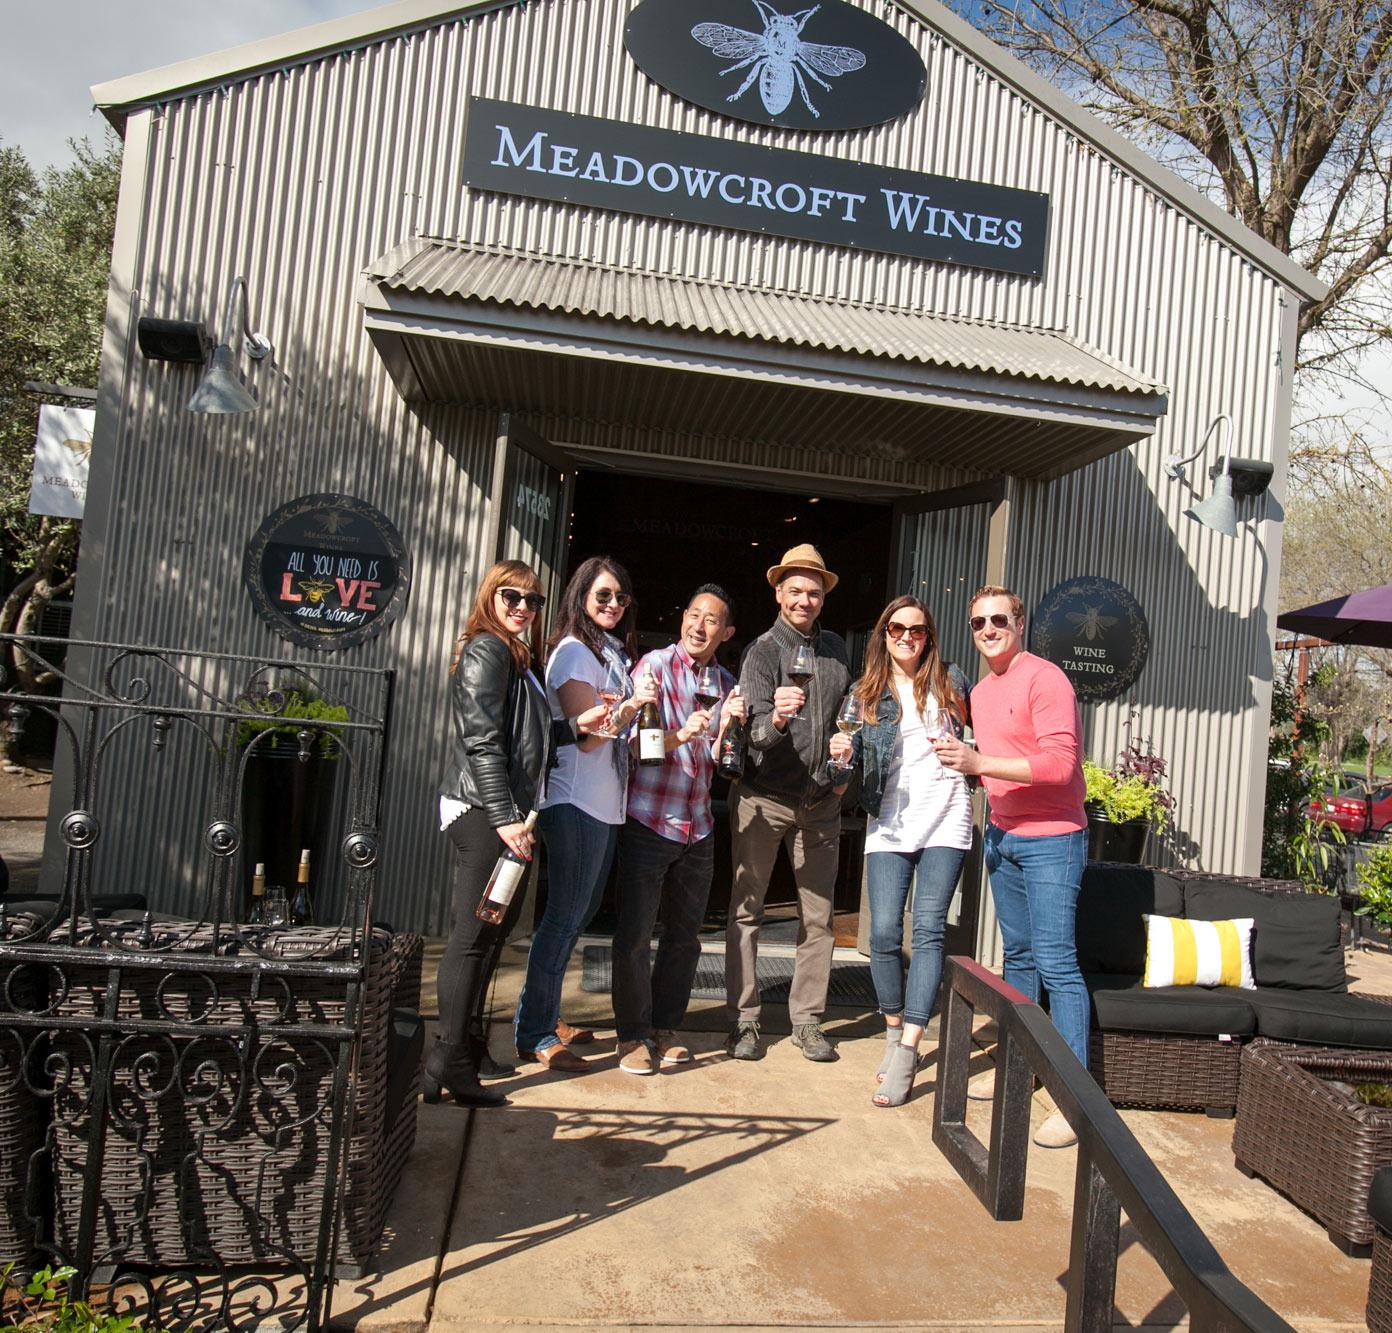 Meadowcroft Wines